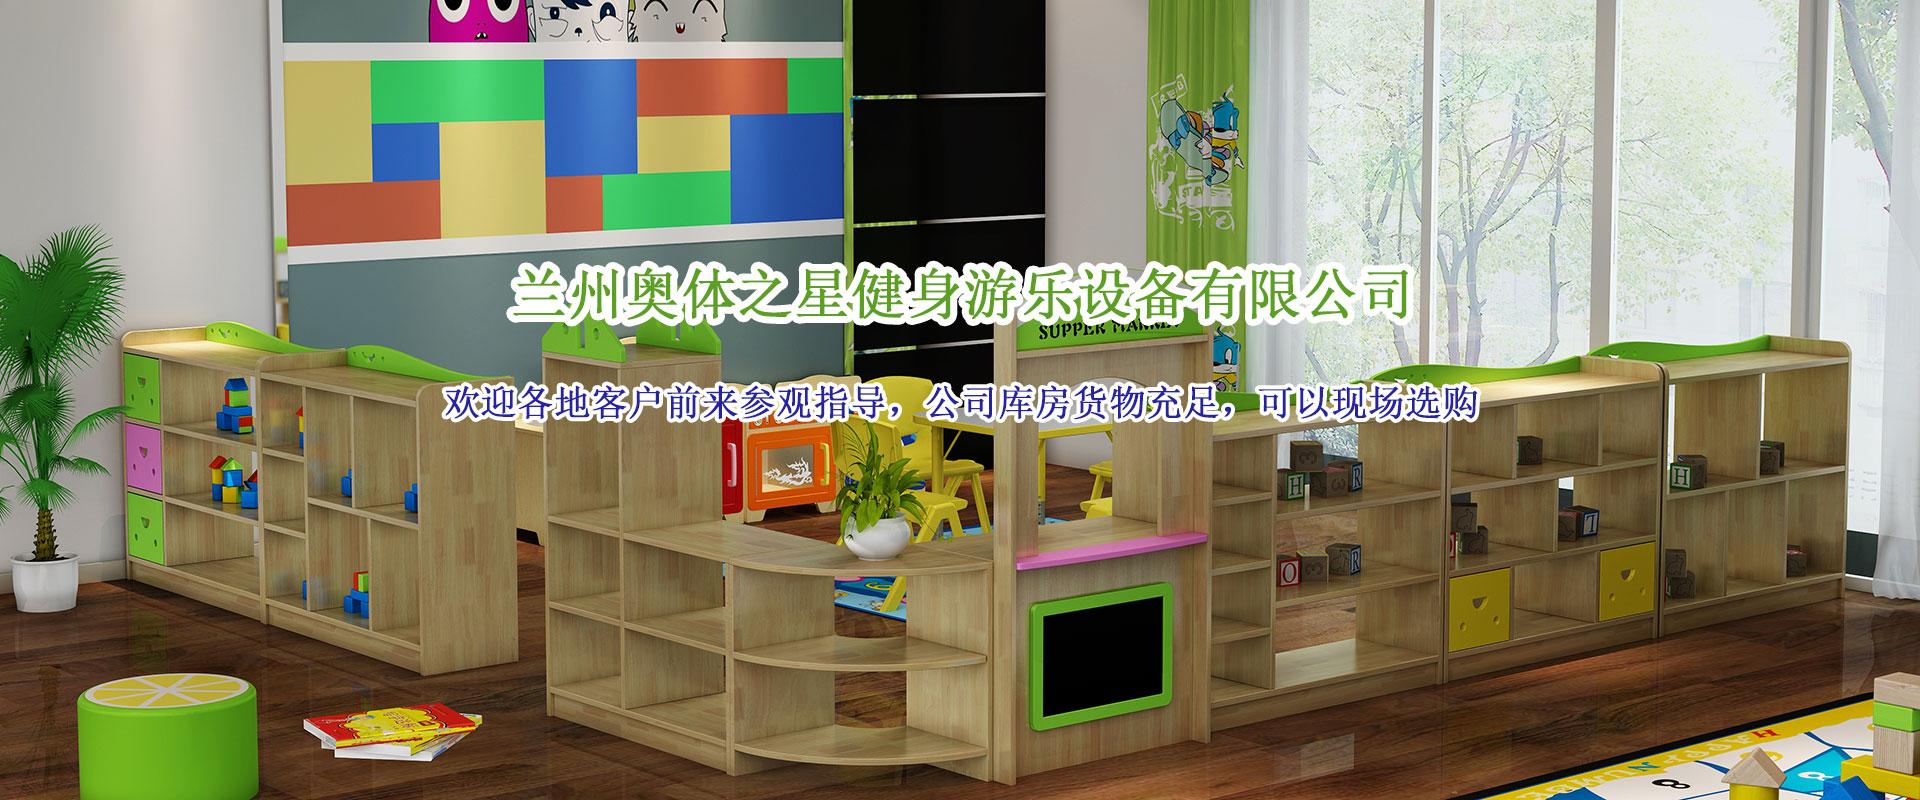 幼兒園設備